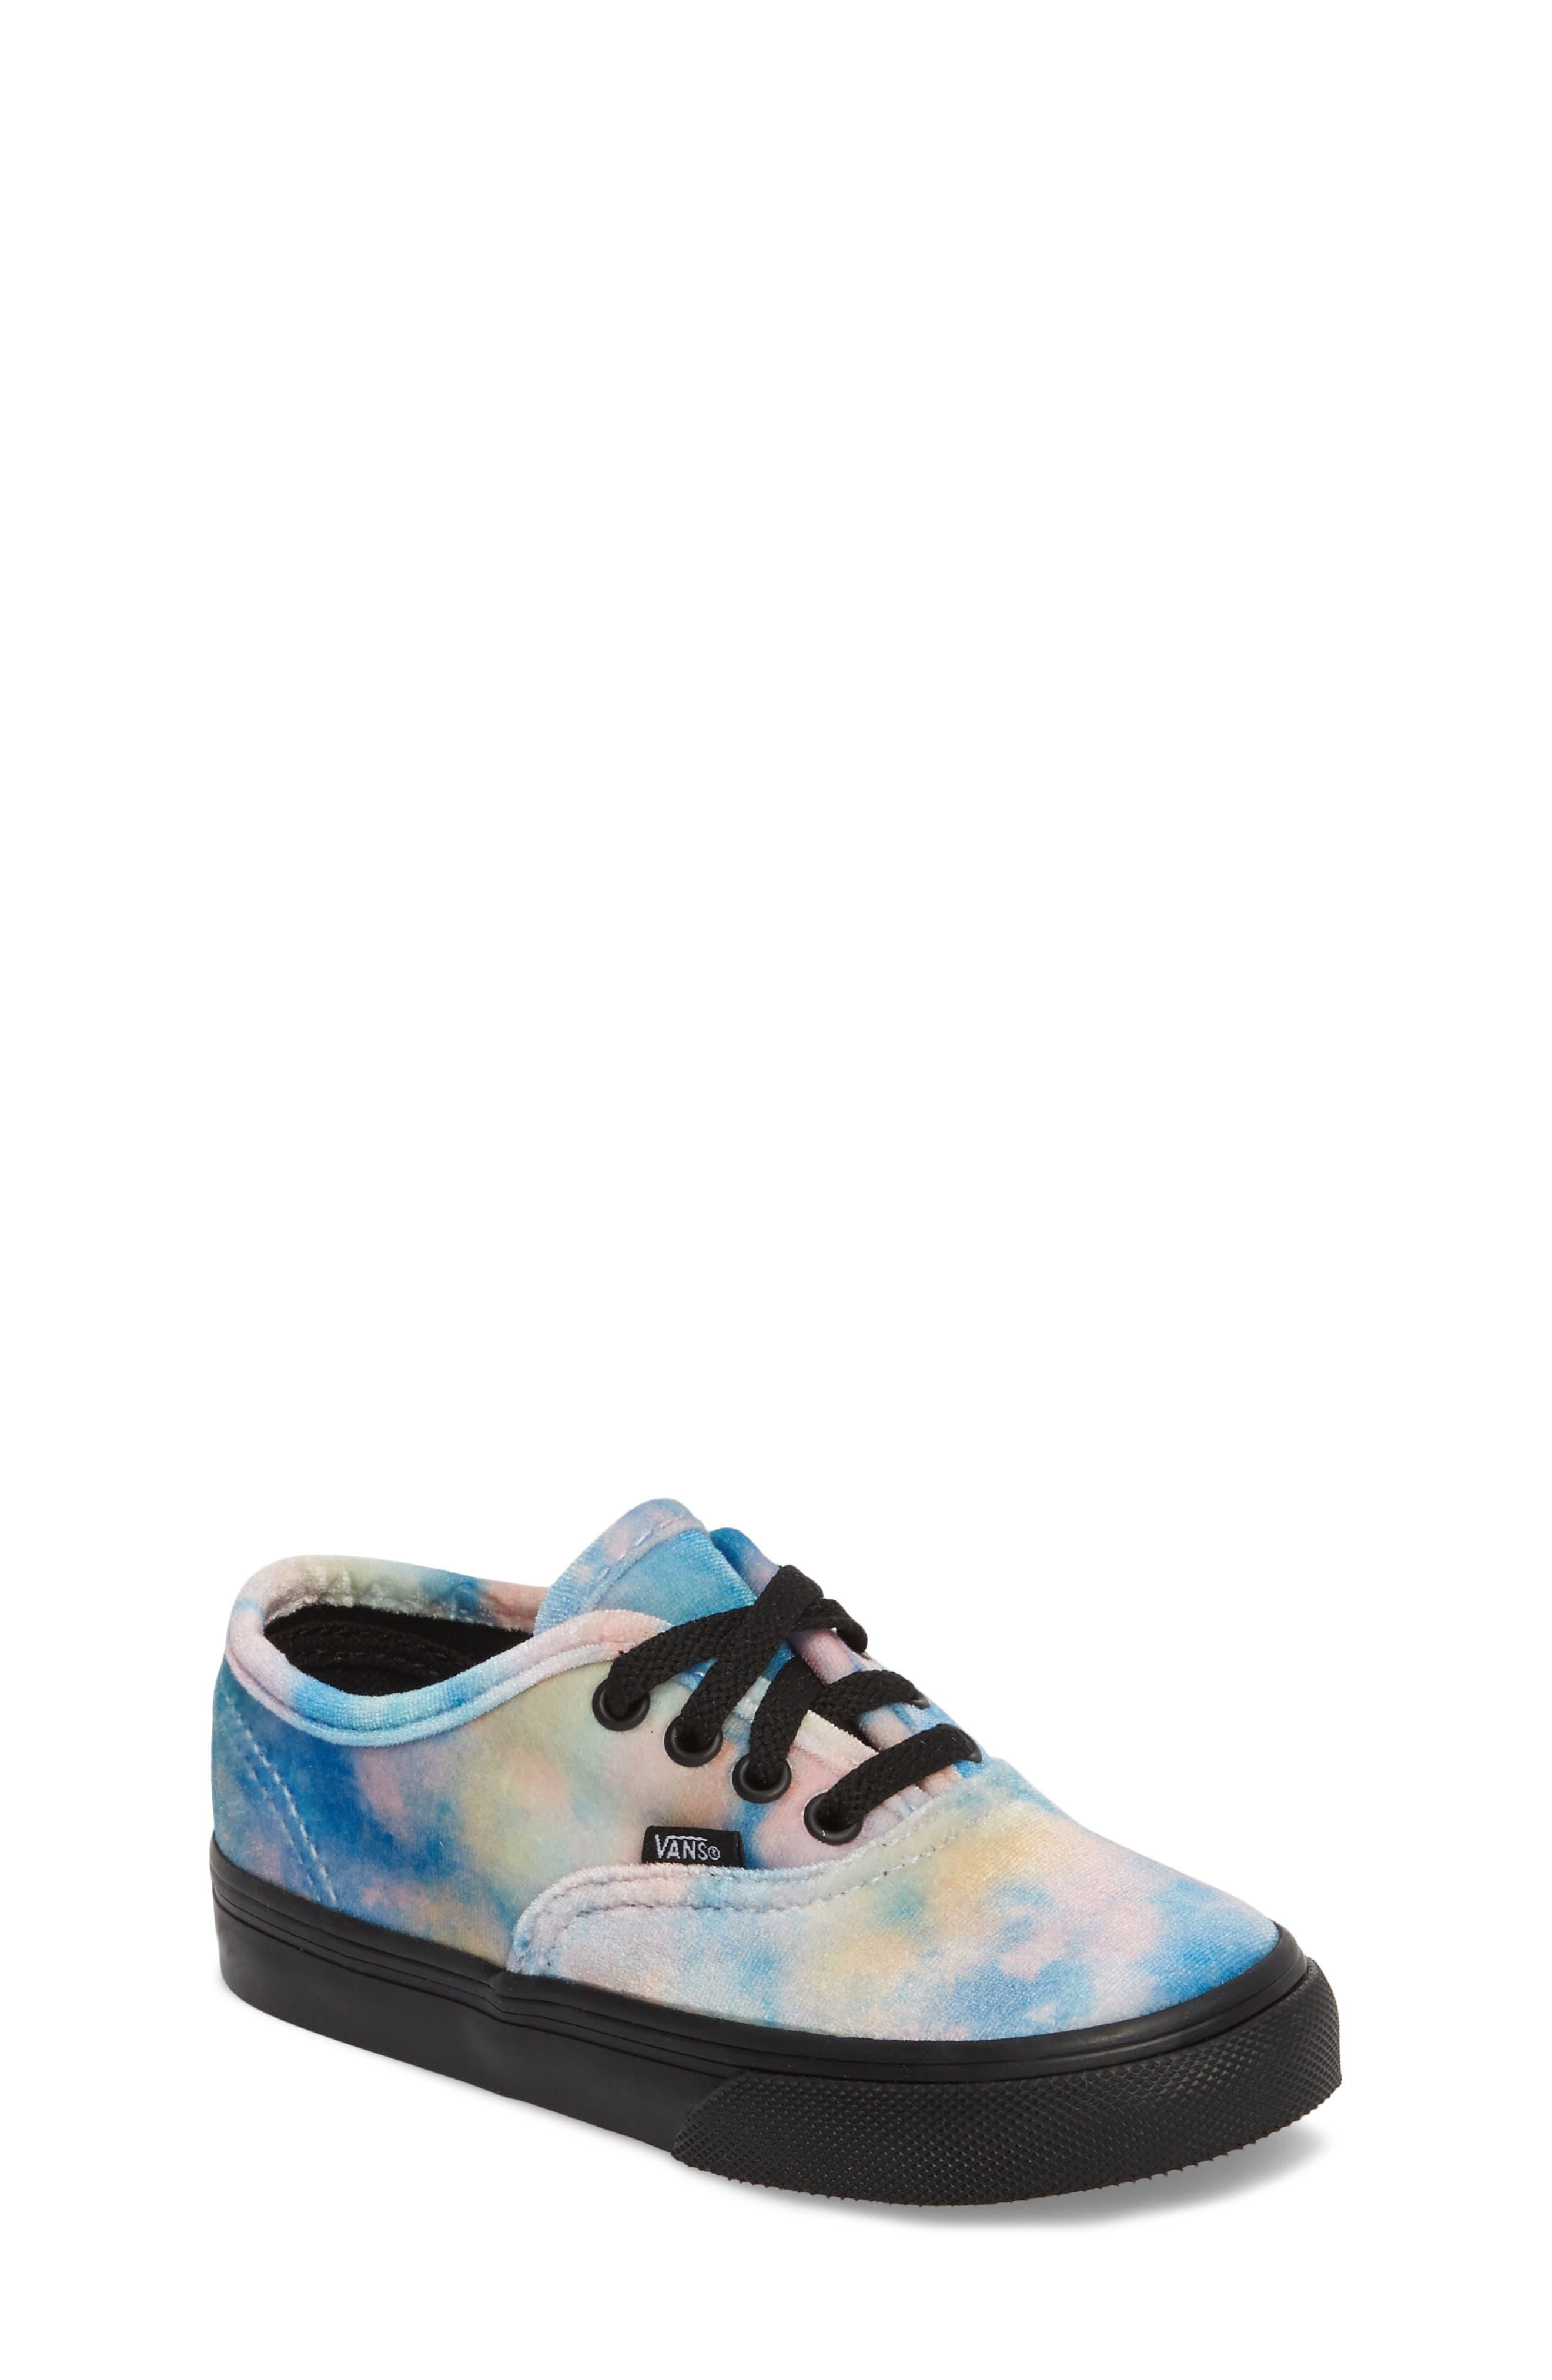 Authentic Velvet Tie Dye Sneaker,                             Main thumbnail 1, color,                             Black/ Multi Velvet Tie Dye